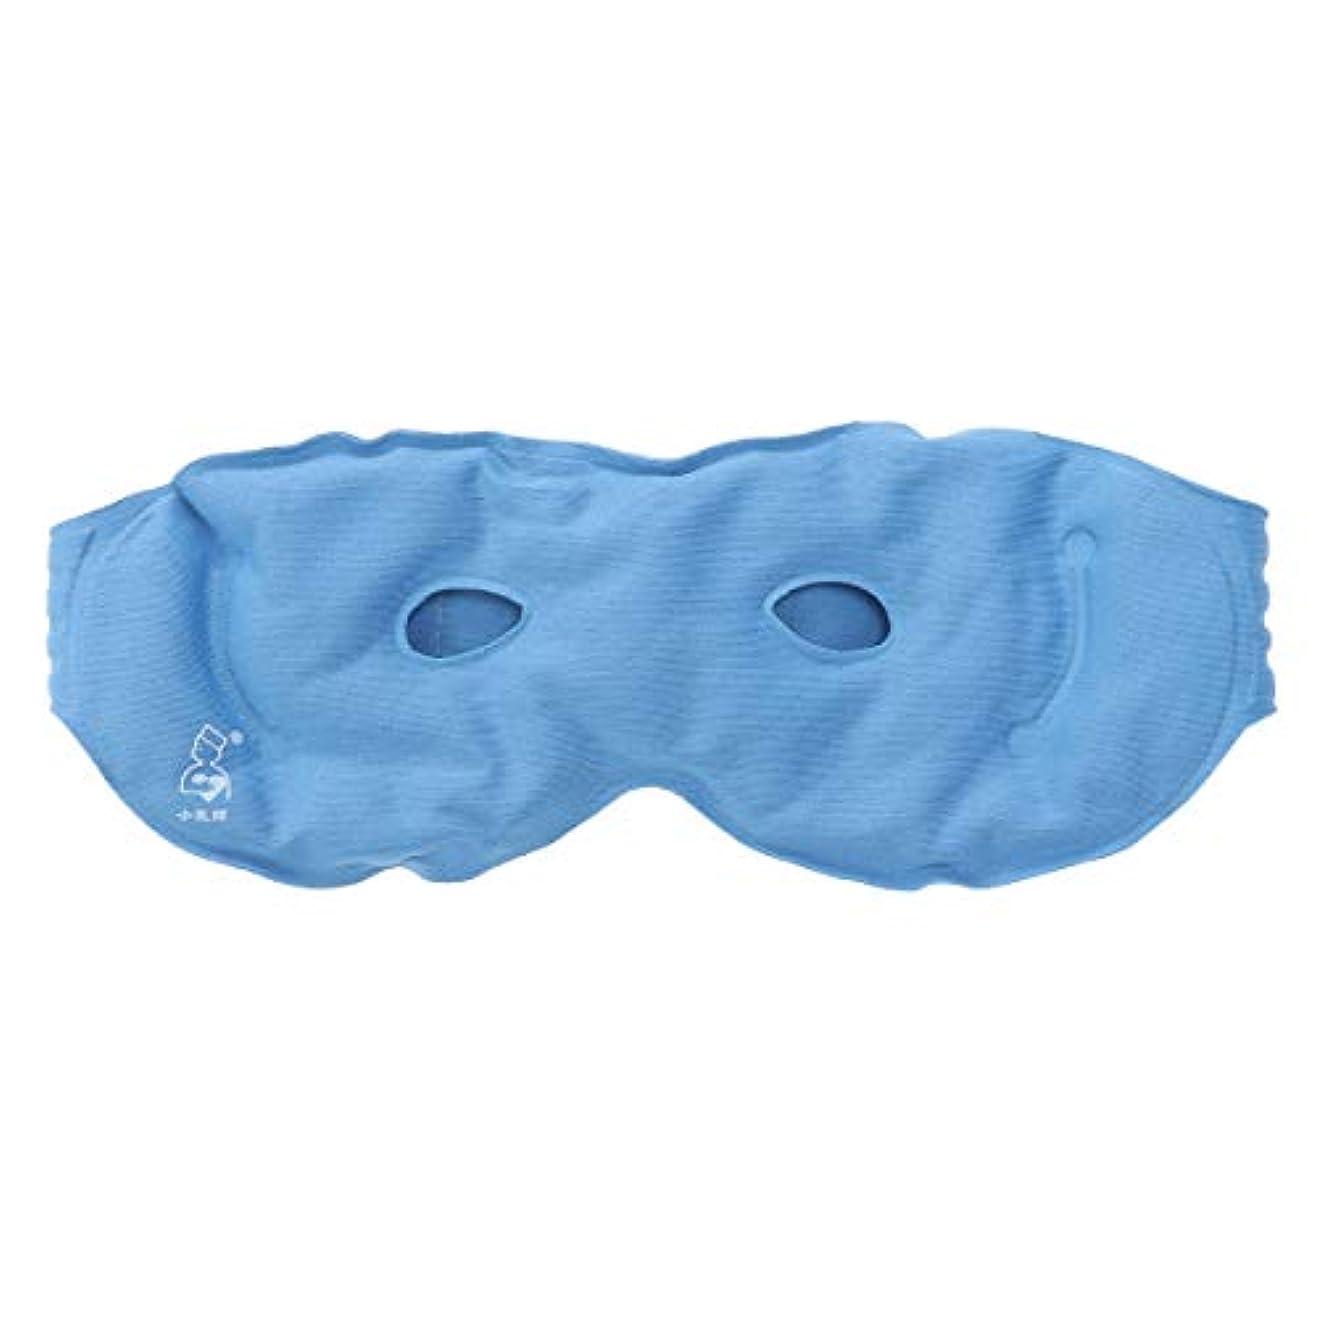 データベース試みる心理的ROSENICE アイスフェイスクーリングアイマスクアイスコンプレッションバッグ(ブルー)